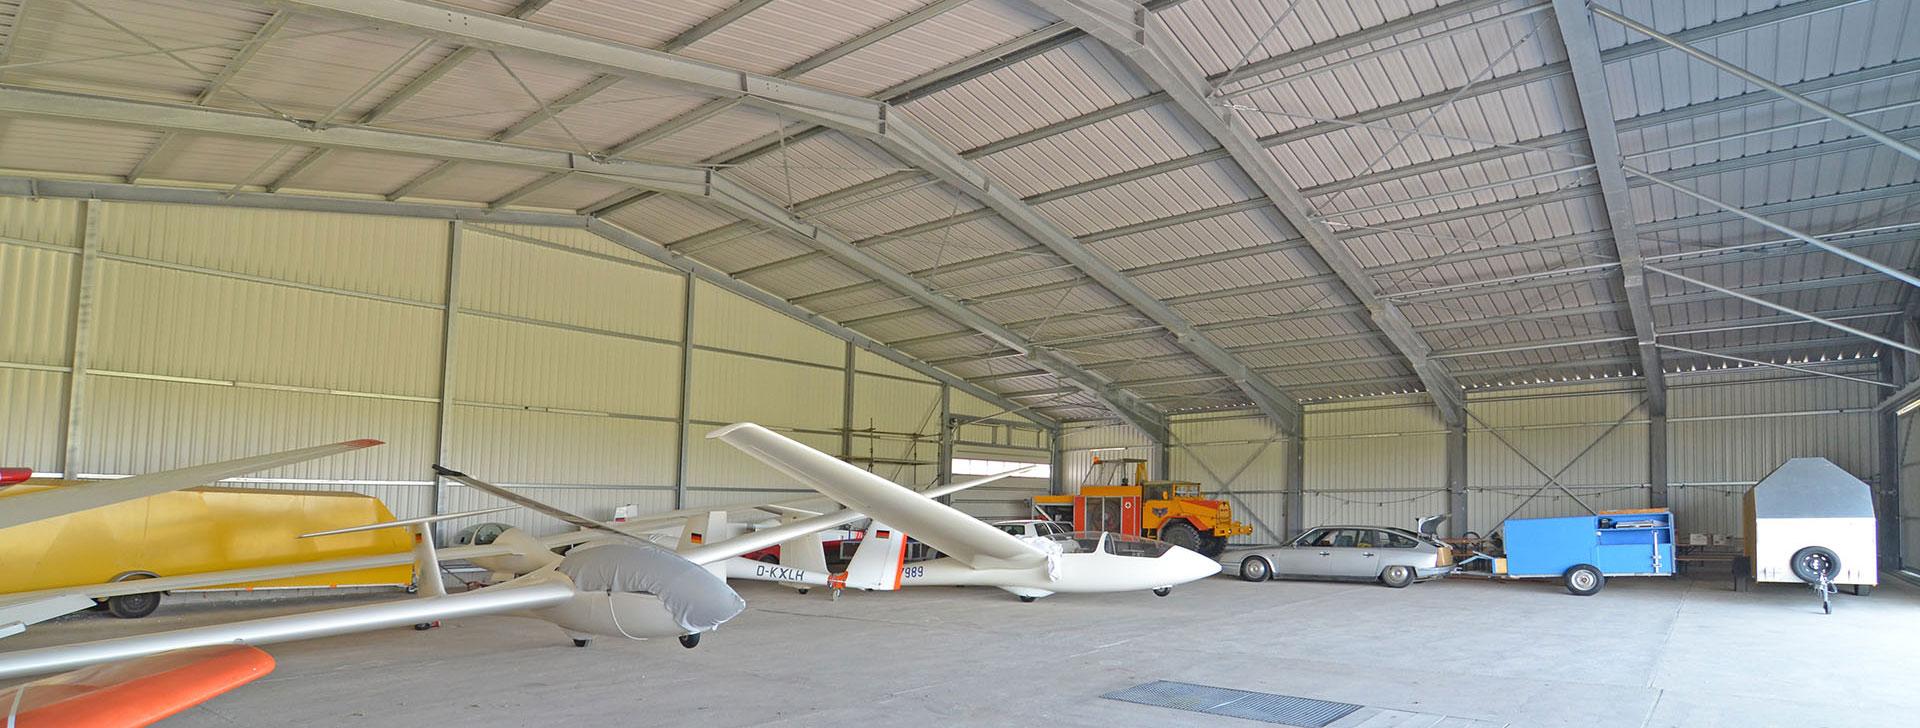 Lagerhalle für Segelflugzeuge